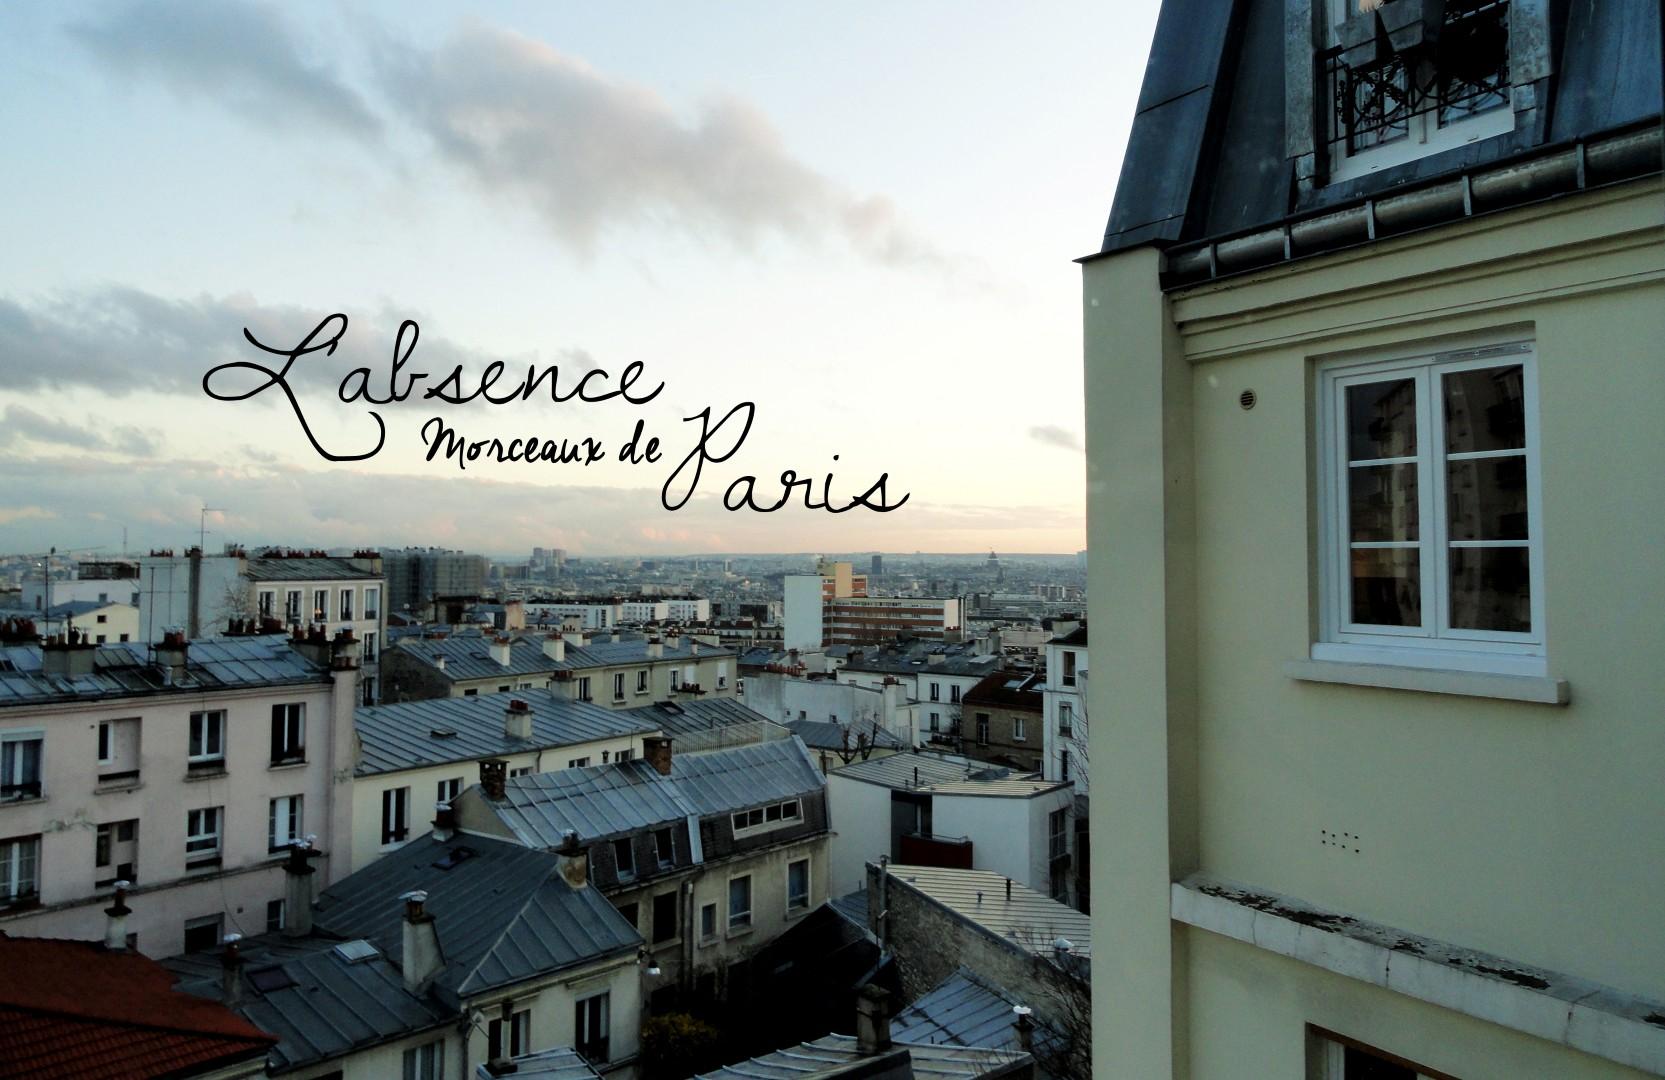 L'absence - Vue de Paris